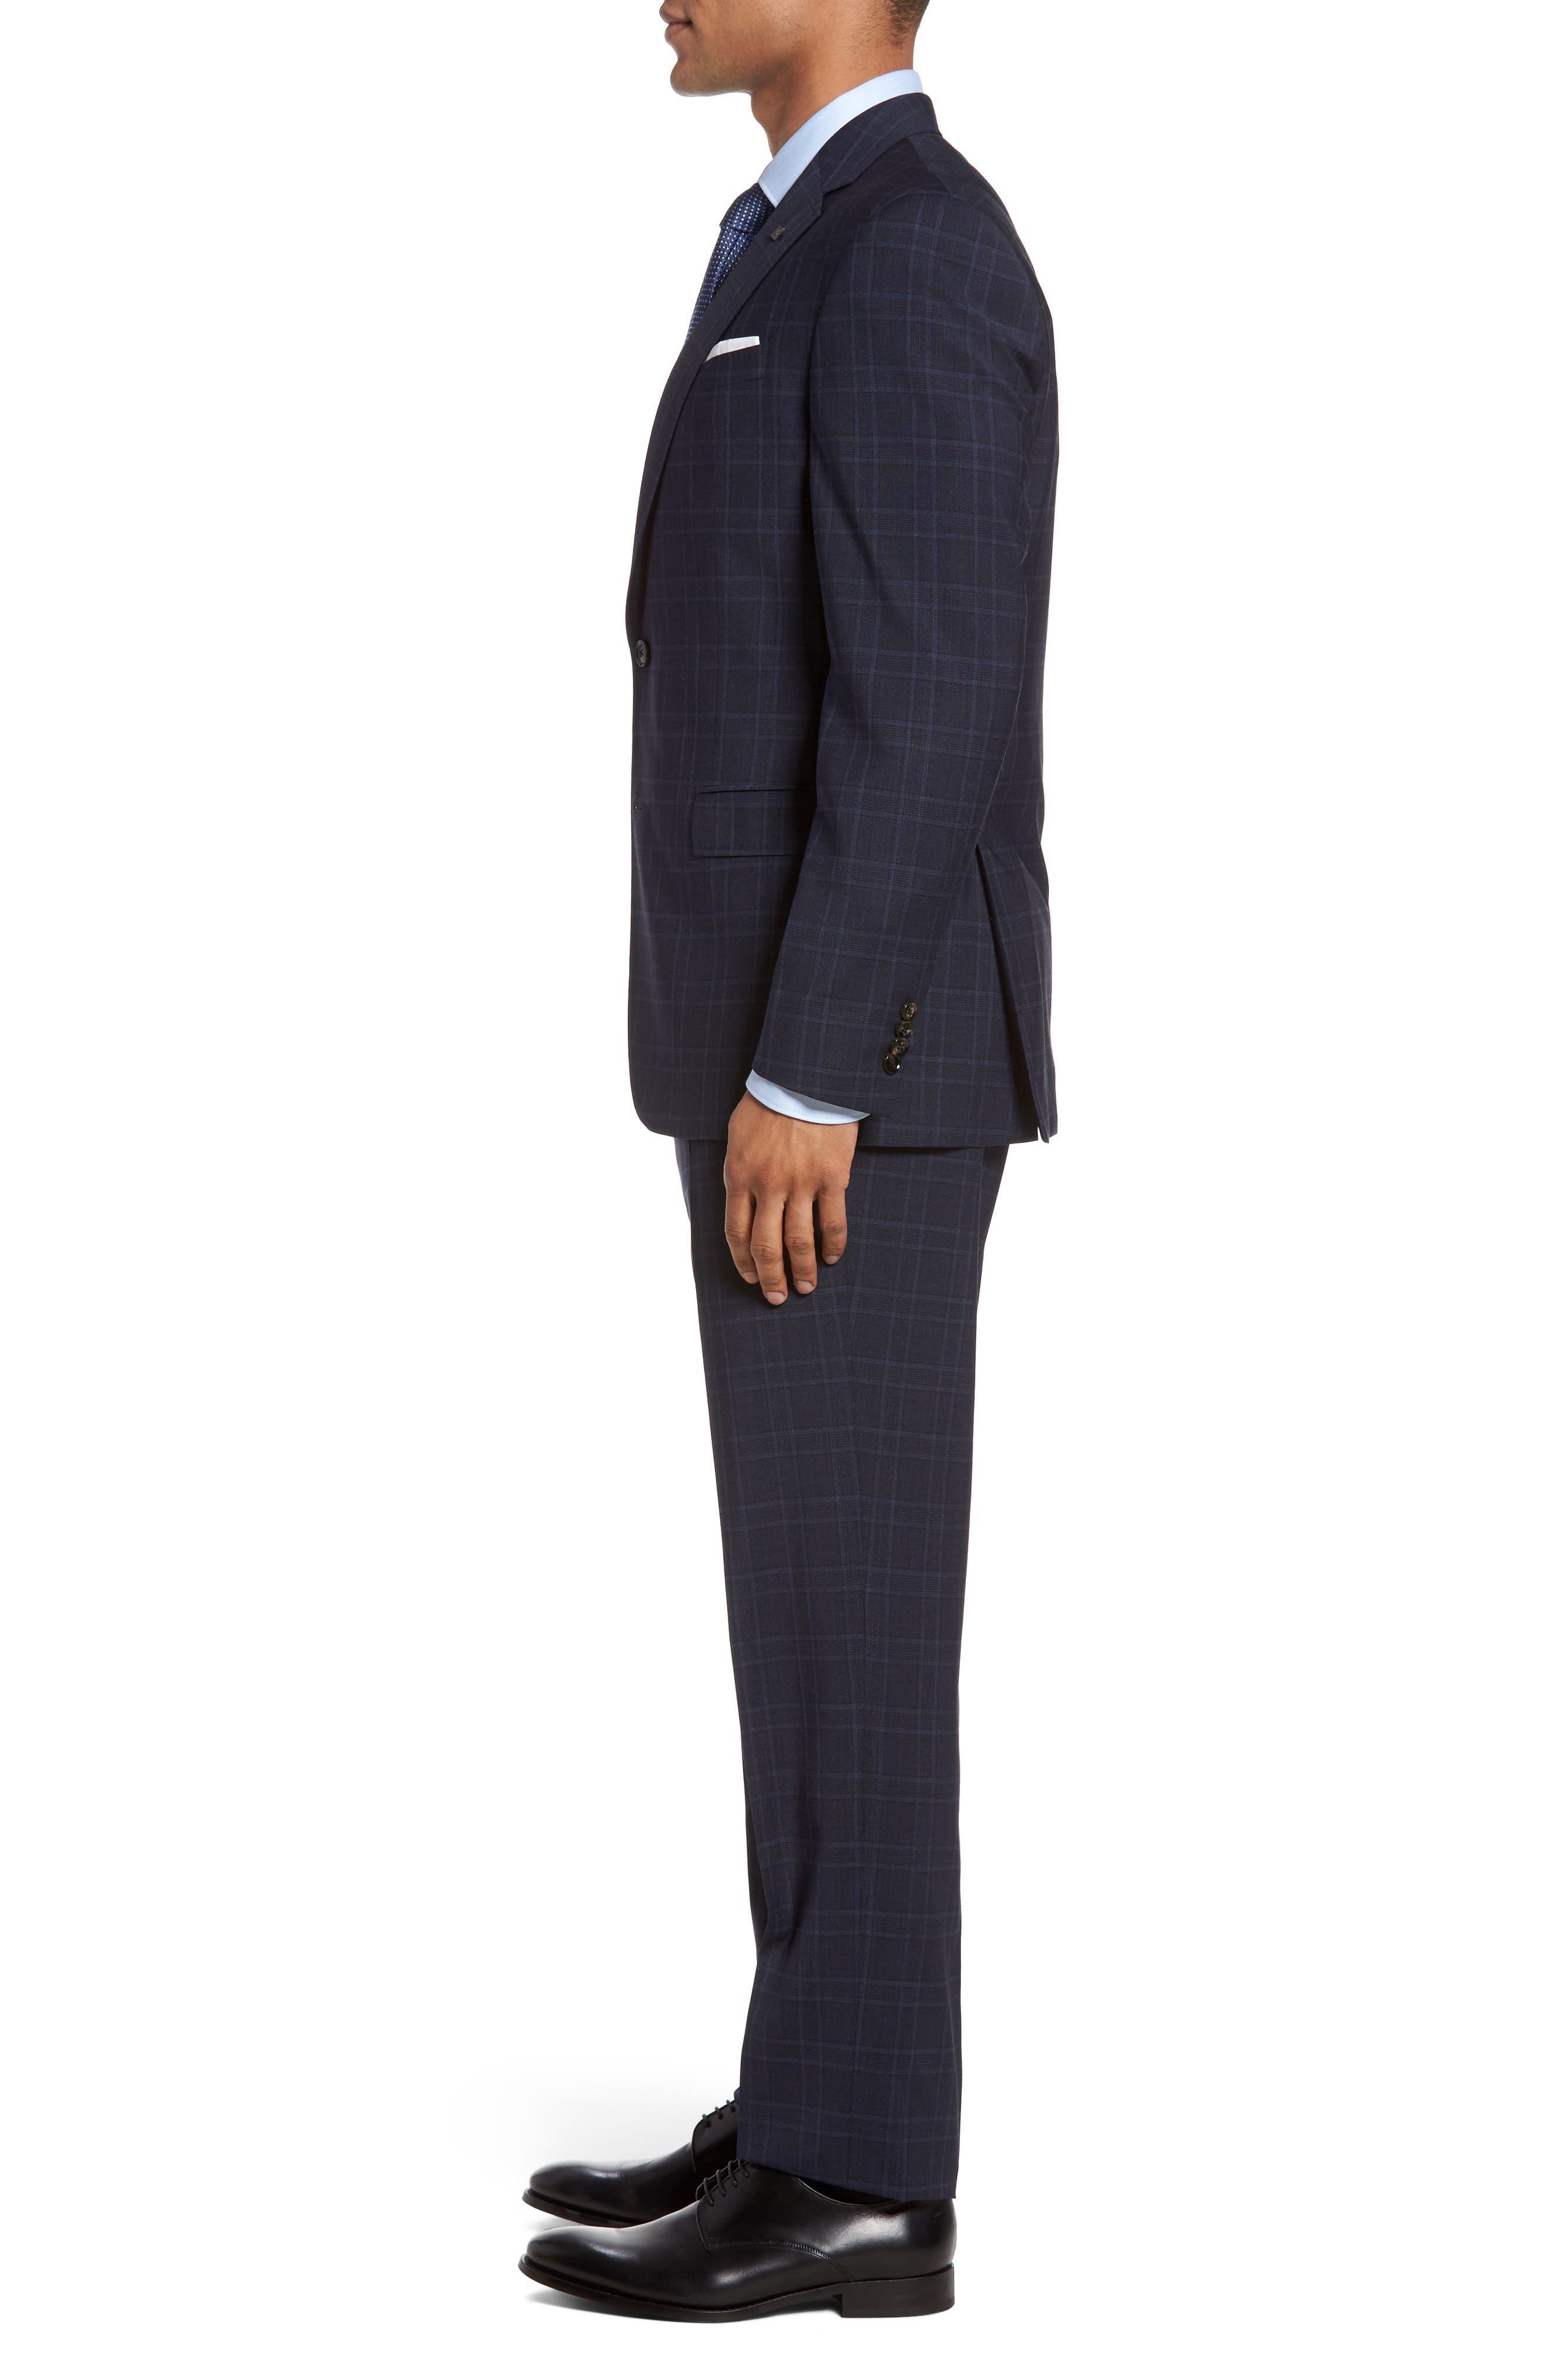 Jay Trim Fit Plaid Wool Suit,                             Alternate thumbnail 3, color,                             400